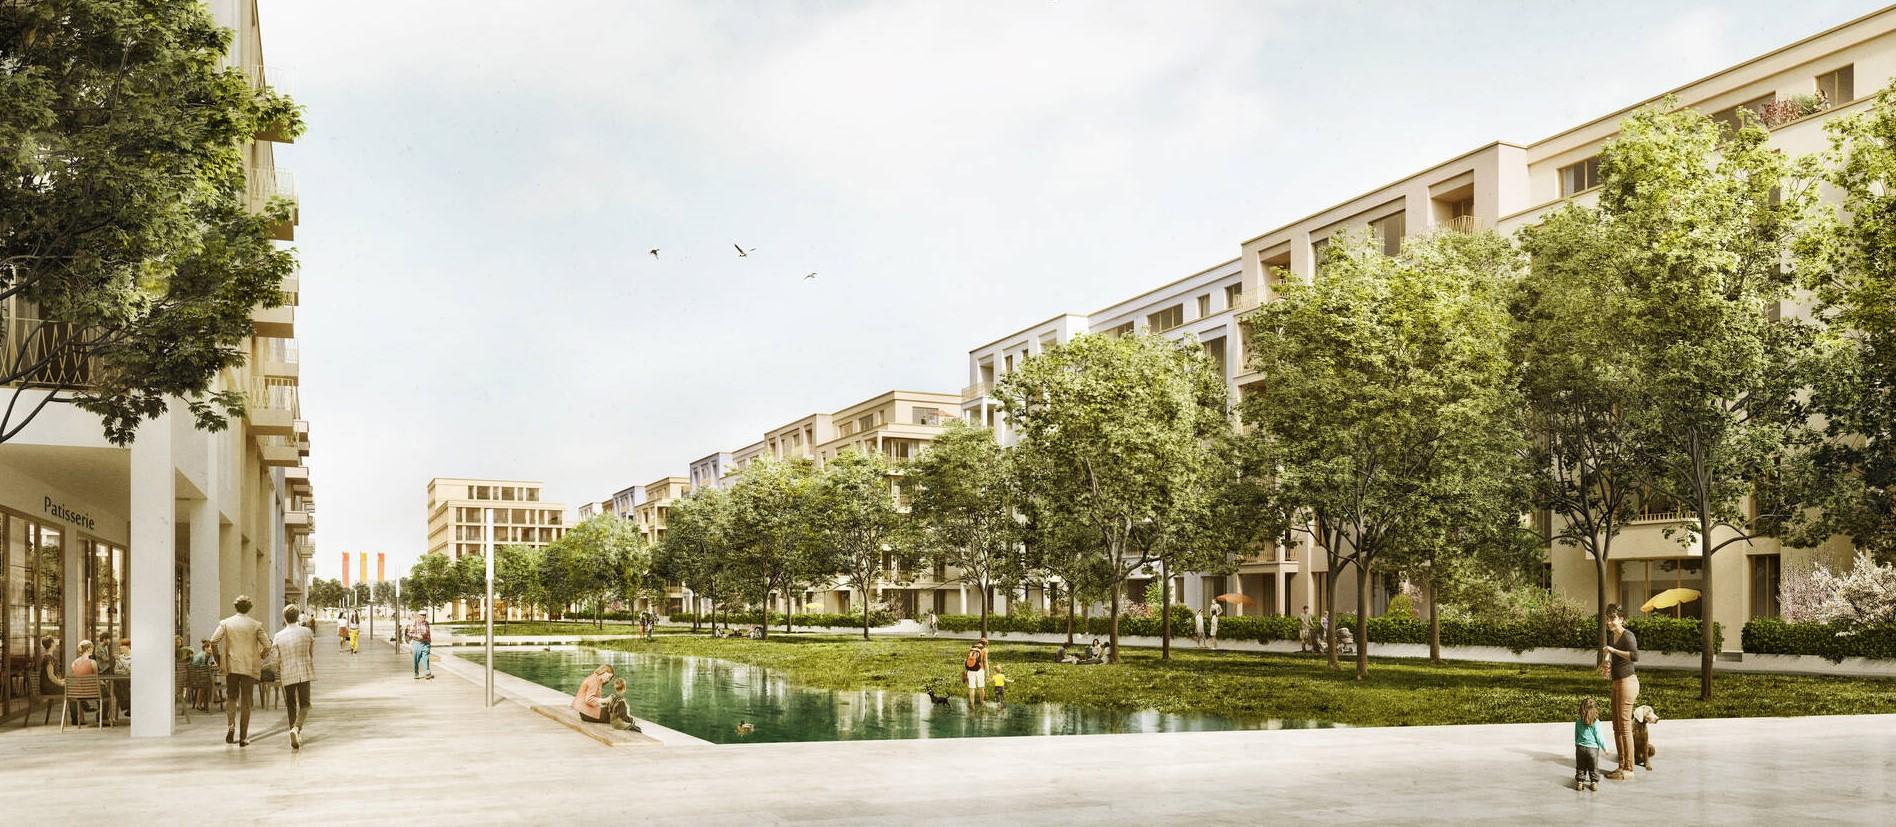 Benrather Gärten Düsseldorf